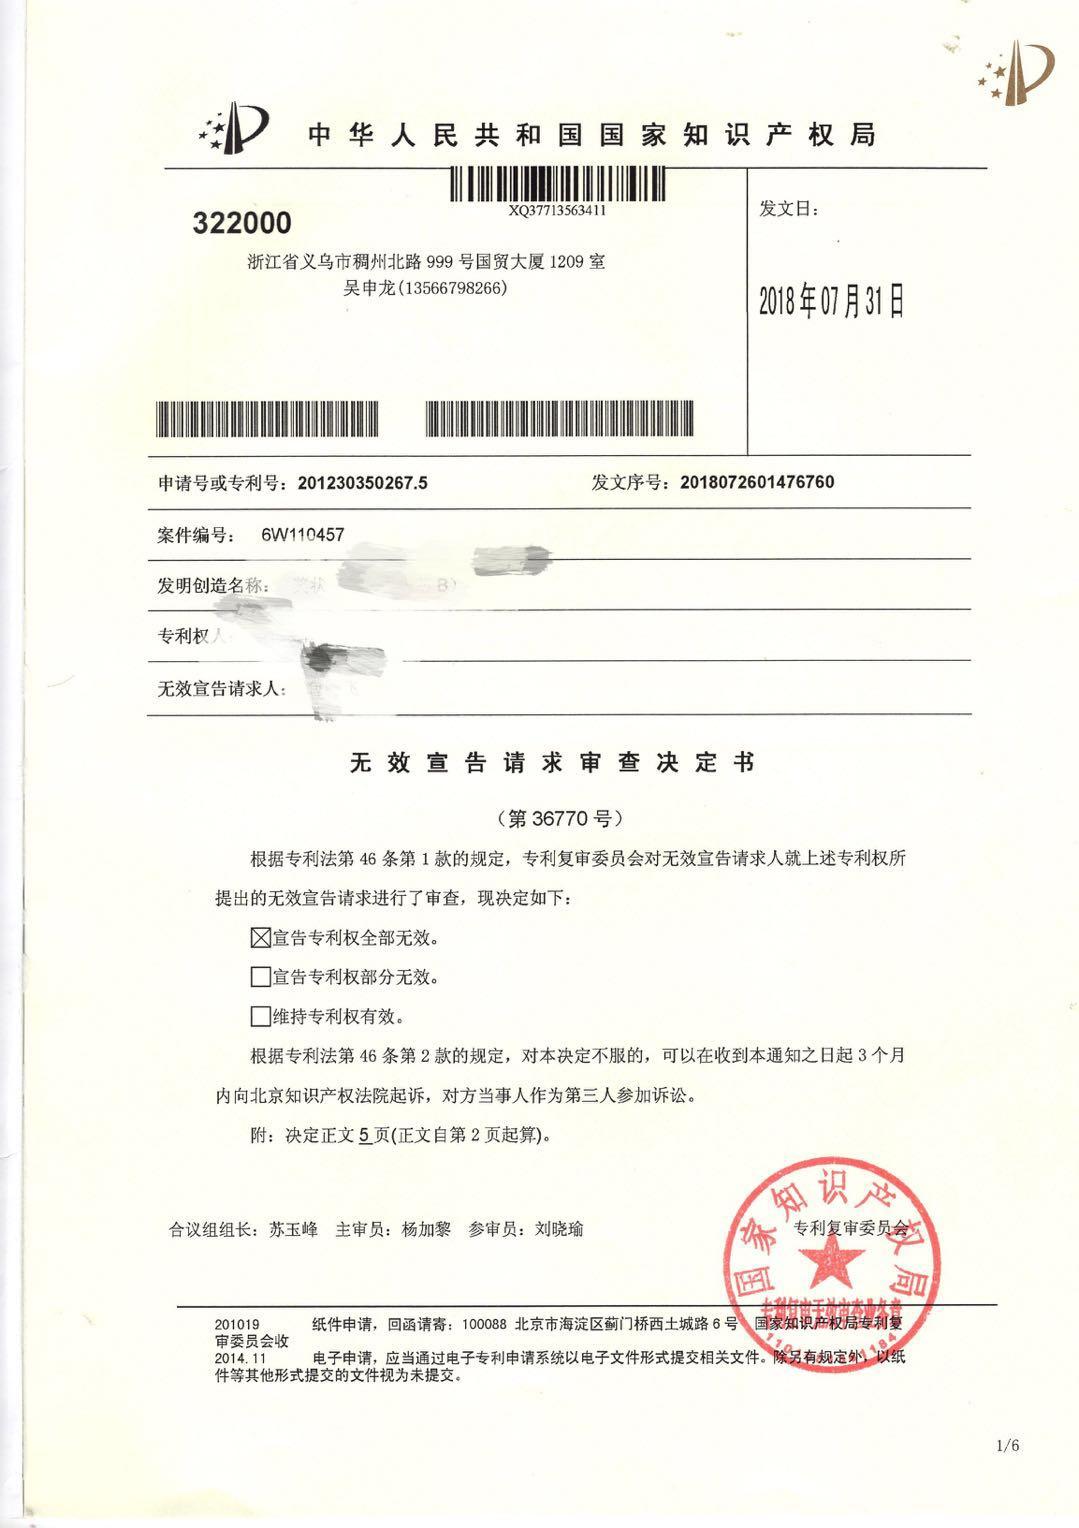 【申通商标】专利权无效宣告完美胜诉